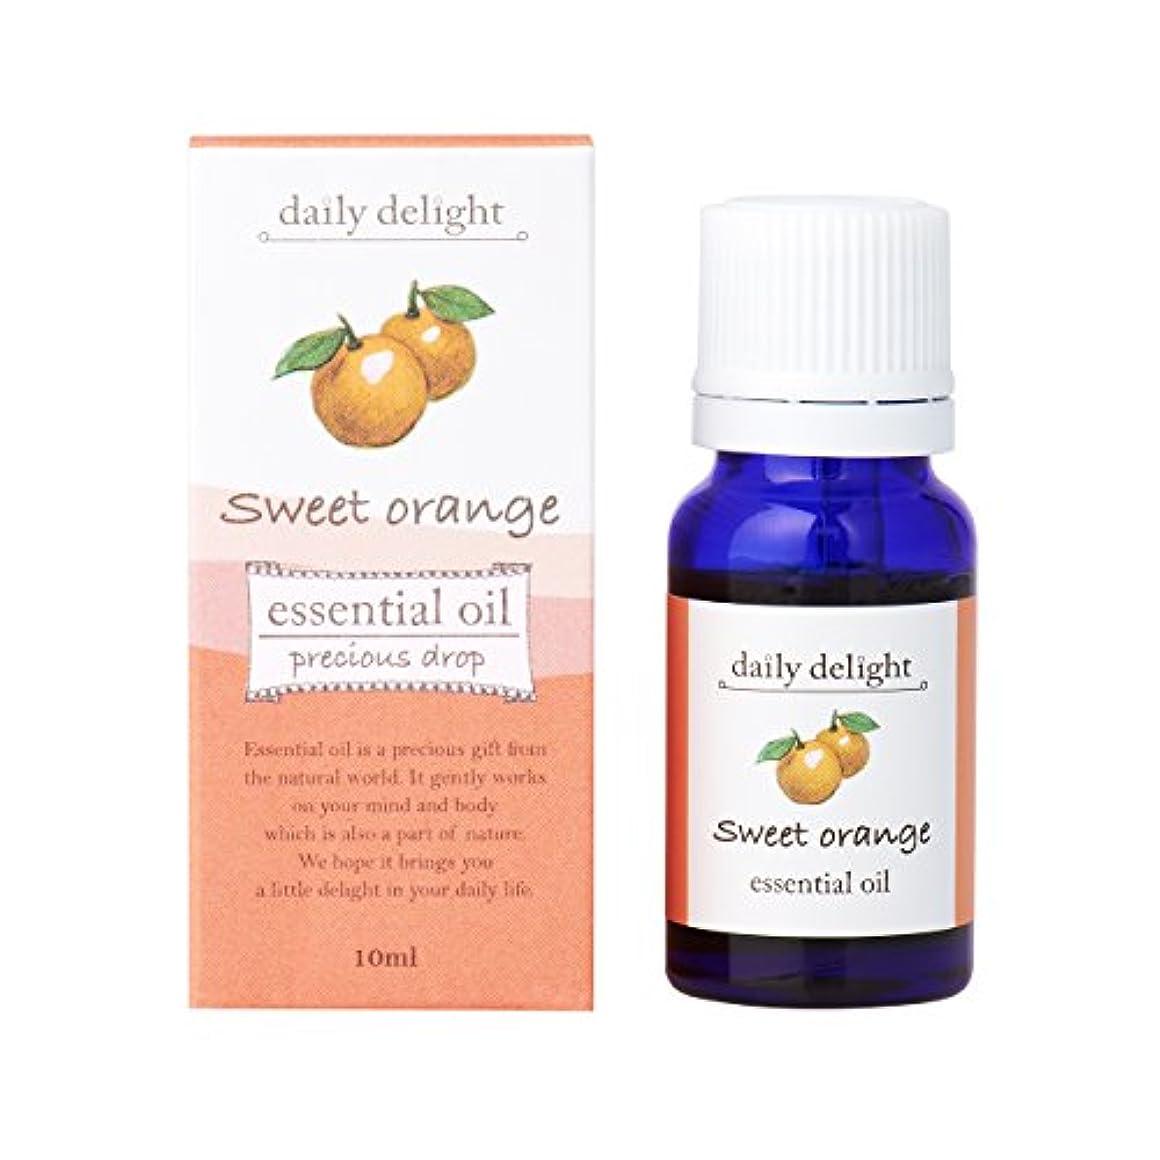 壁紙近代化式デイリーディライト エッセンシャルオイル  スイートオレンジ 10ml(天然100% 精油 アロマ 柑橘系 フルーティで甘く爽やかな香り)